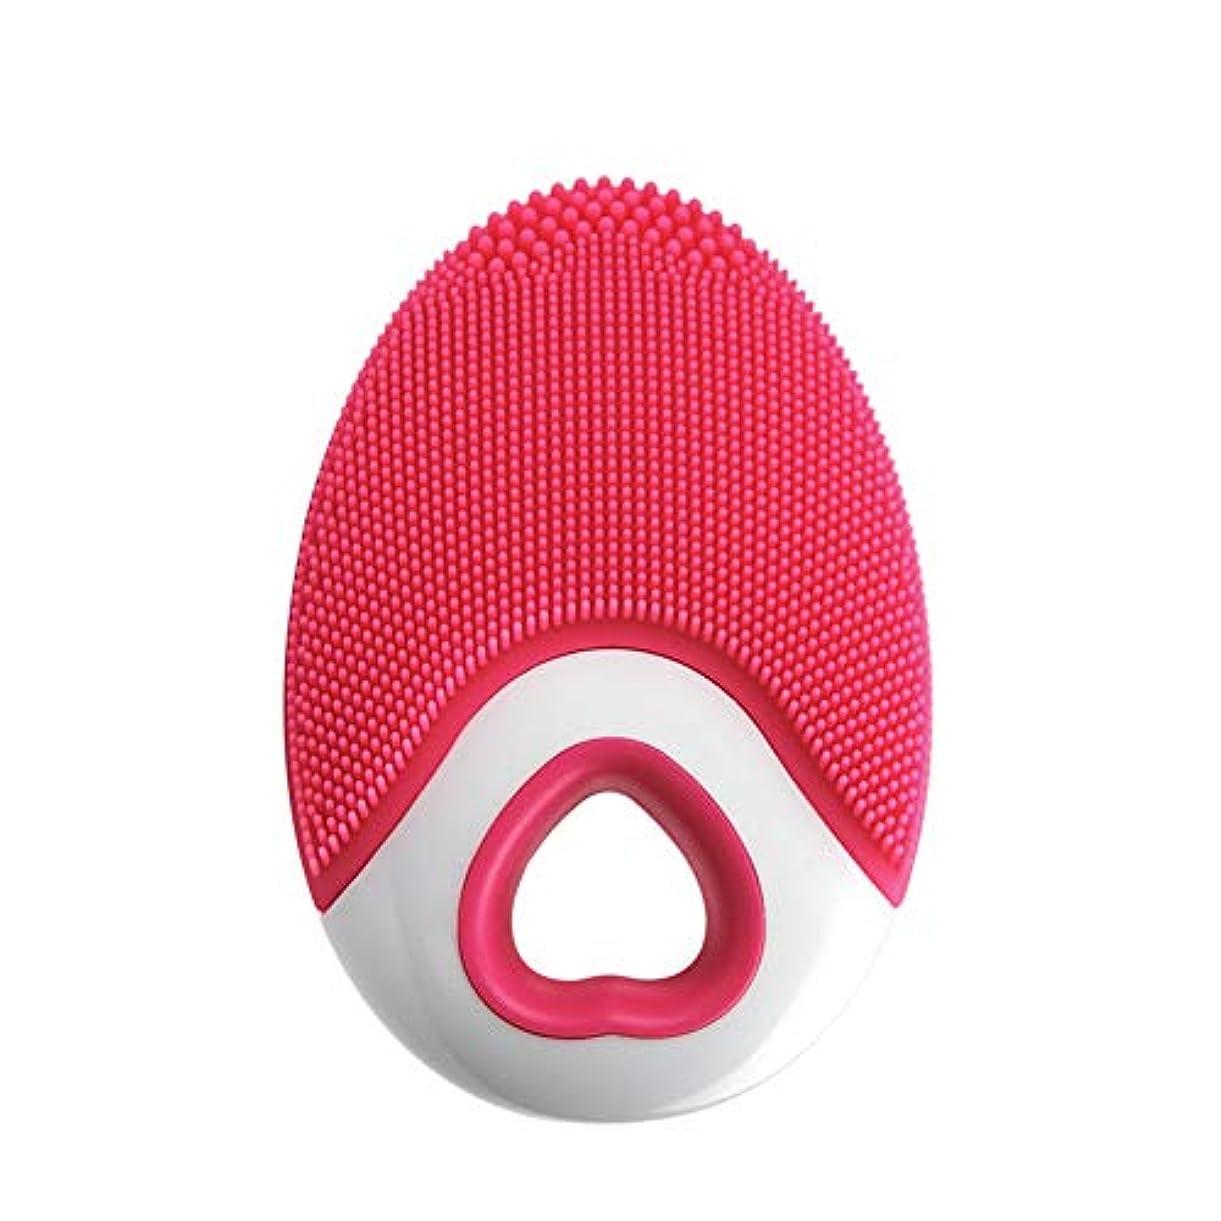 ログ料理割り当てるAylincool   1ピースシリコンフェイスクレンザーブラシ超音波ディープクリーニング防水ワイヤレス充電